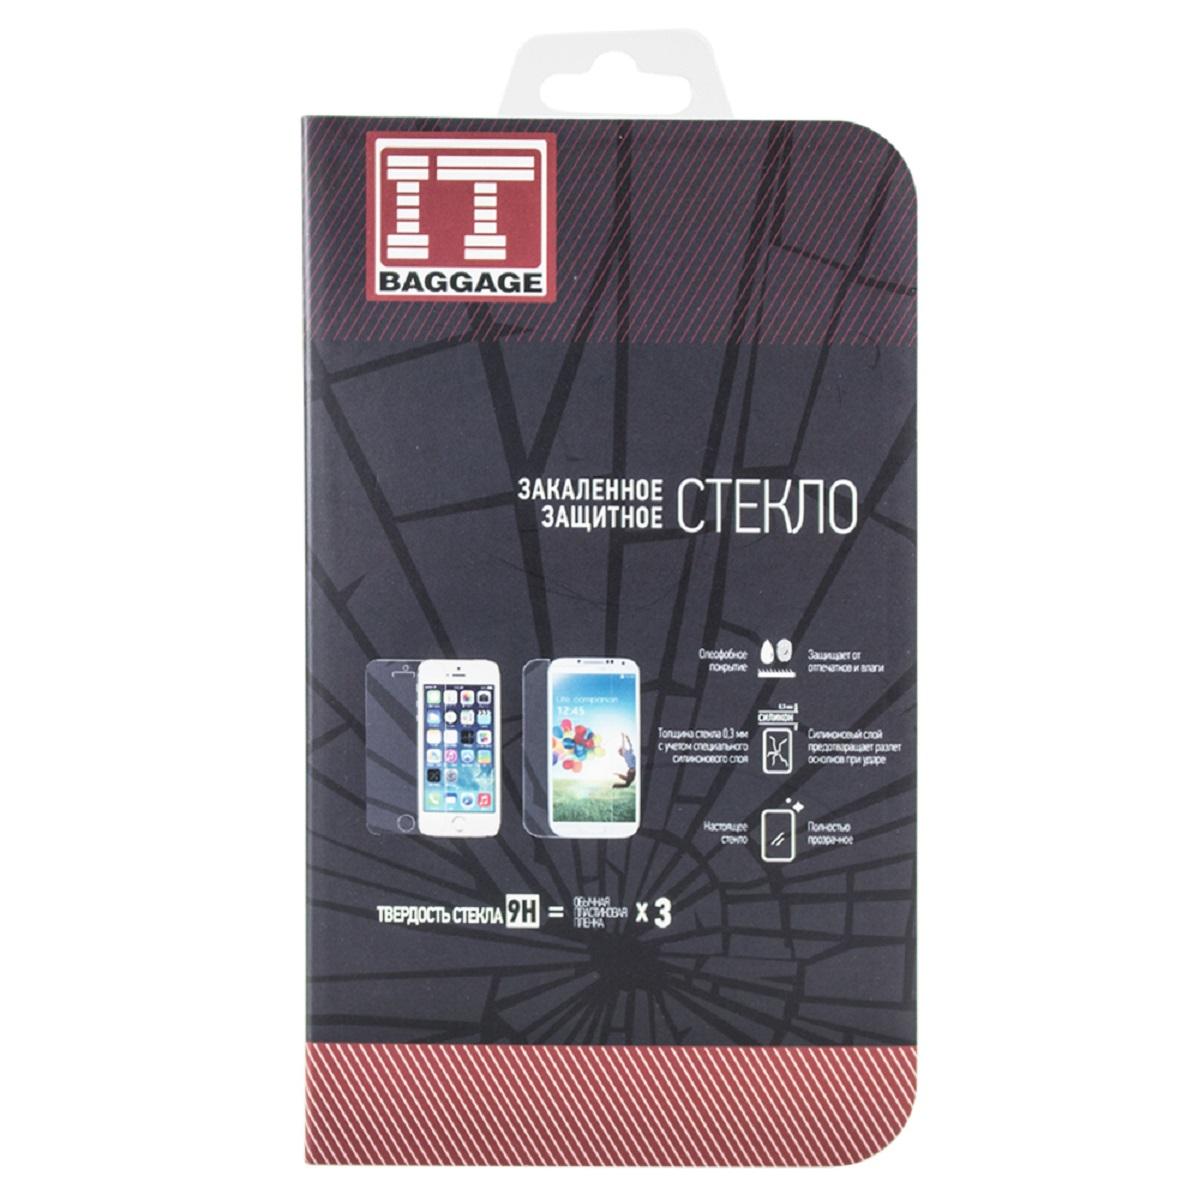 IT Baggage защитное стекло для Asus ZenFone С ZC451TСITASZC451GЗакаленное стекло IT Baggage для Asus ZenFone С (ZC451TС) - это самый верный способ защитить экран от повреждений и загрязнений. Обладает высочайшим уровнем прозрачности и совершенно не влияет на отклик экранного сенсора и качество изображения. Препятствует появлению отпечатков и пятен. Удалить следы жира и косметики с поверхности аксессуара не составить ни какого труда.Характеристики защитного стекла делают его износостойким к таким механическим повреждениям, как царапины, сколы, потертости. При сильном ударе разбившееся стекло не разлетается на осколки, предохраняя вас от порезов, а экран устройства от повреждений.После снятия защитного стекла с поверхности дисплея, на нем не остаются повреждения, такие как потертости и царапины.